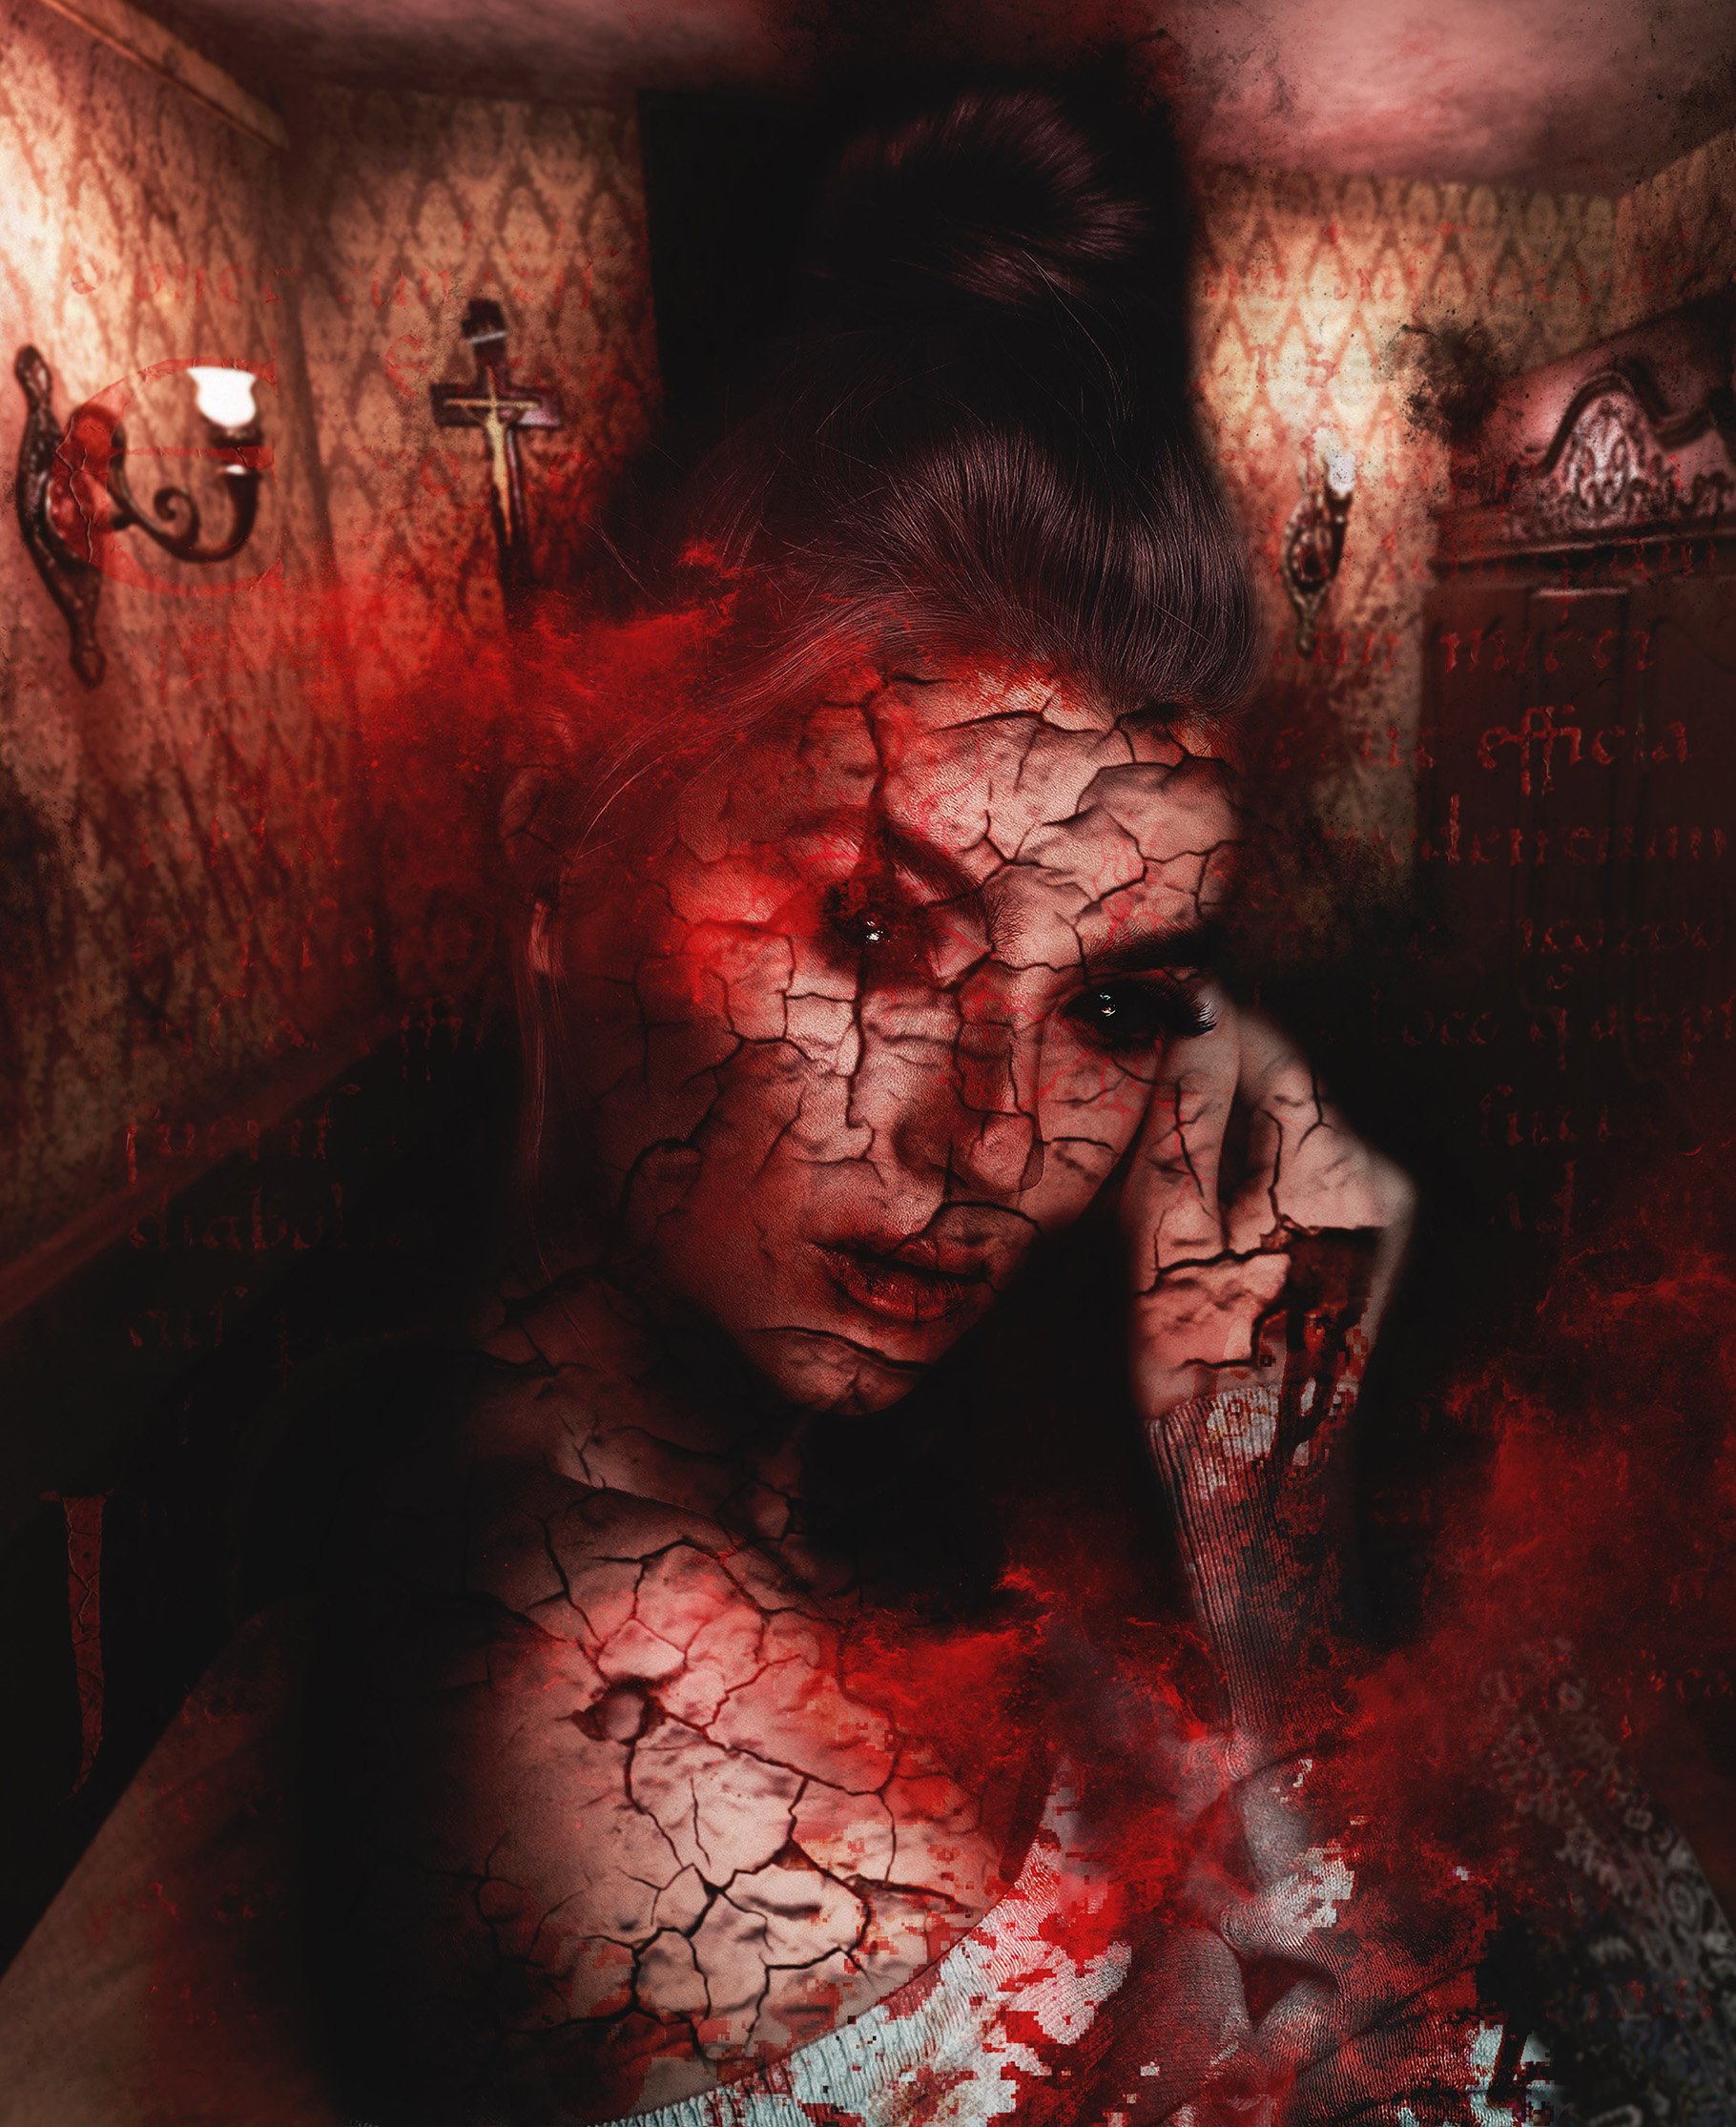 Exorcism Photoshop Action 2 - دانلود اکشن فتوشاپ جنگیری Exorcism